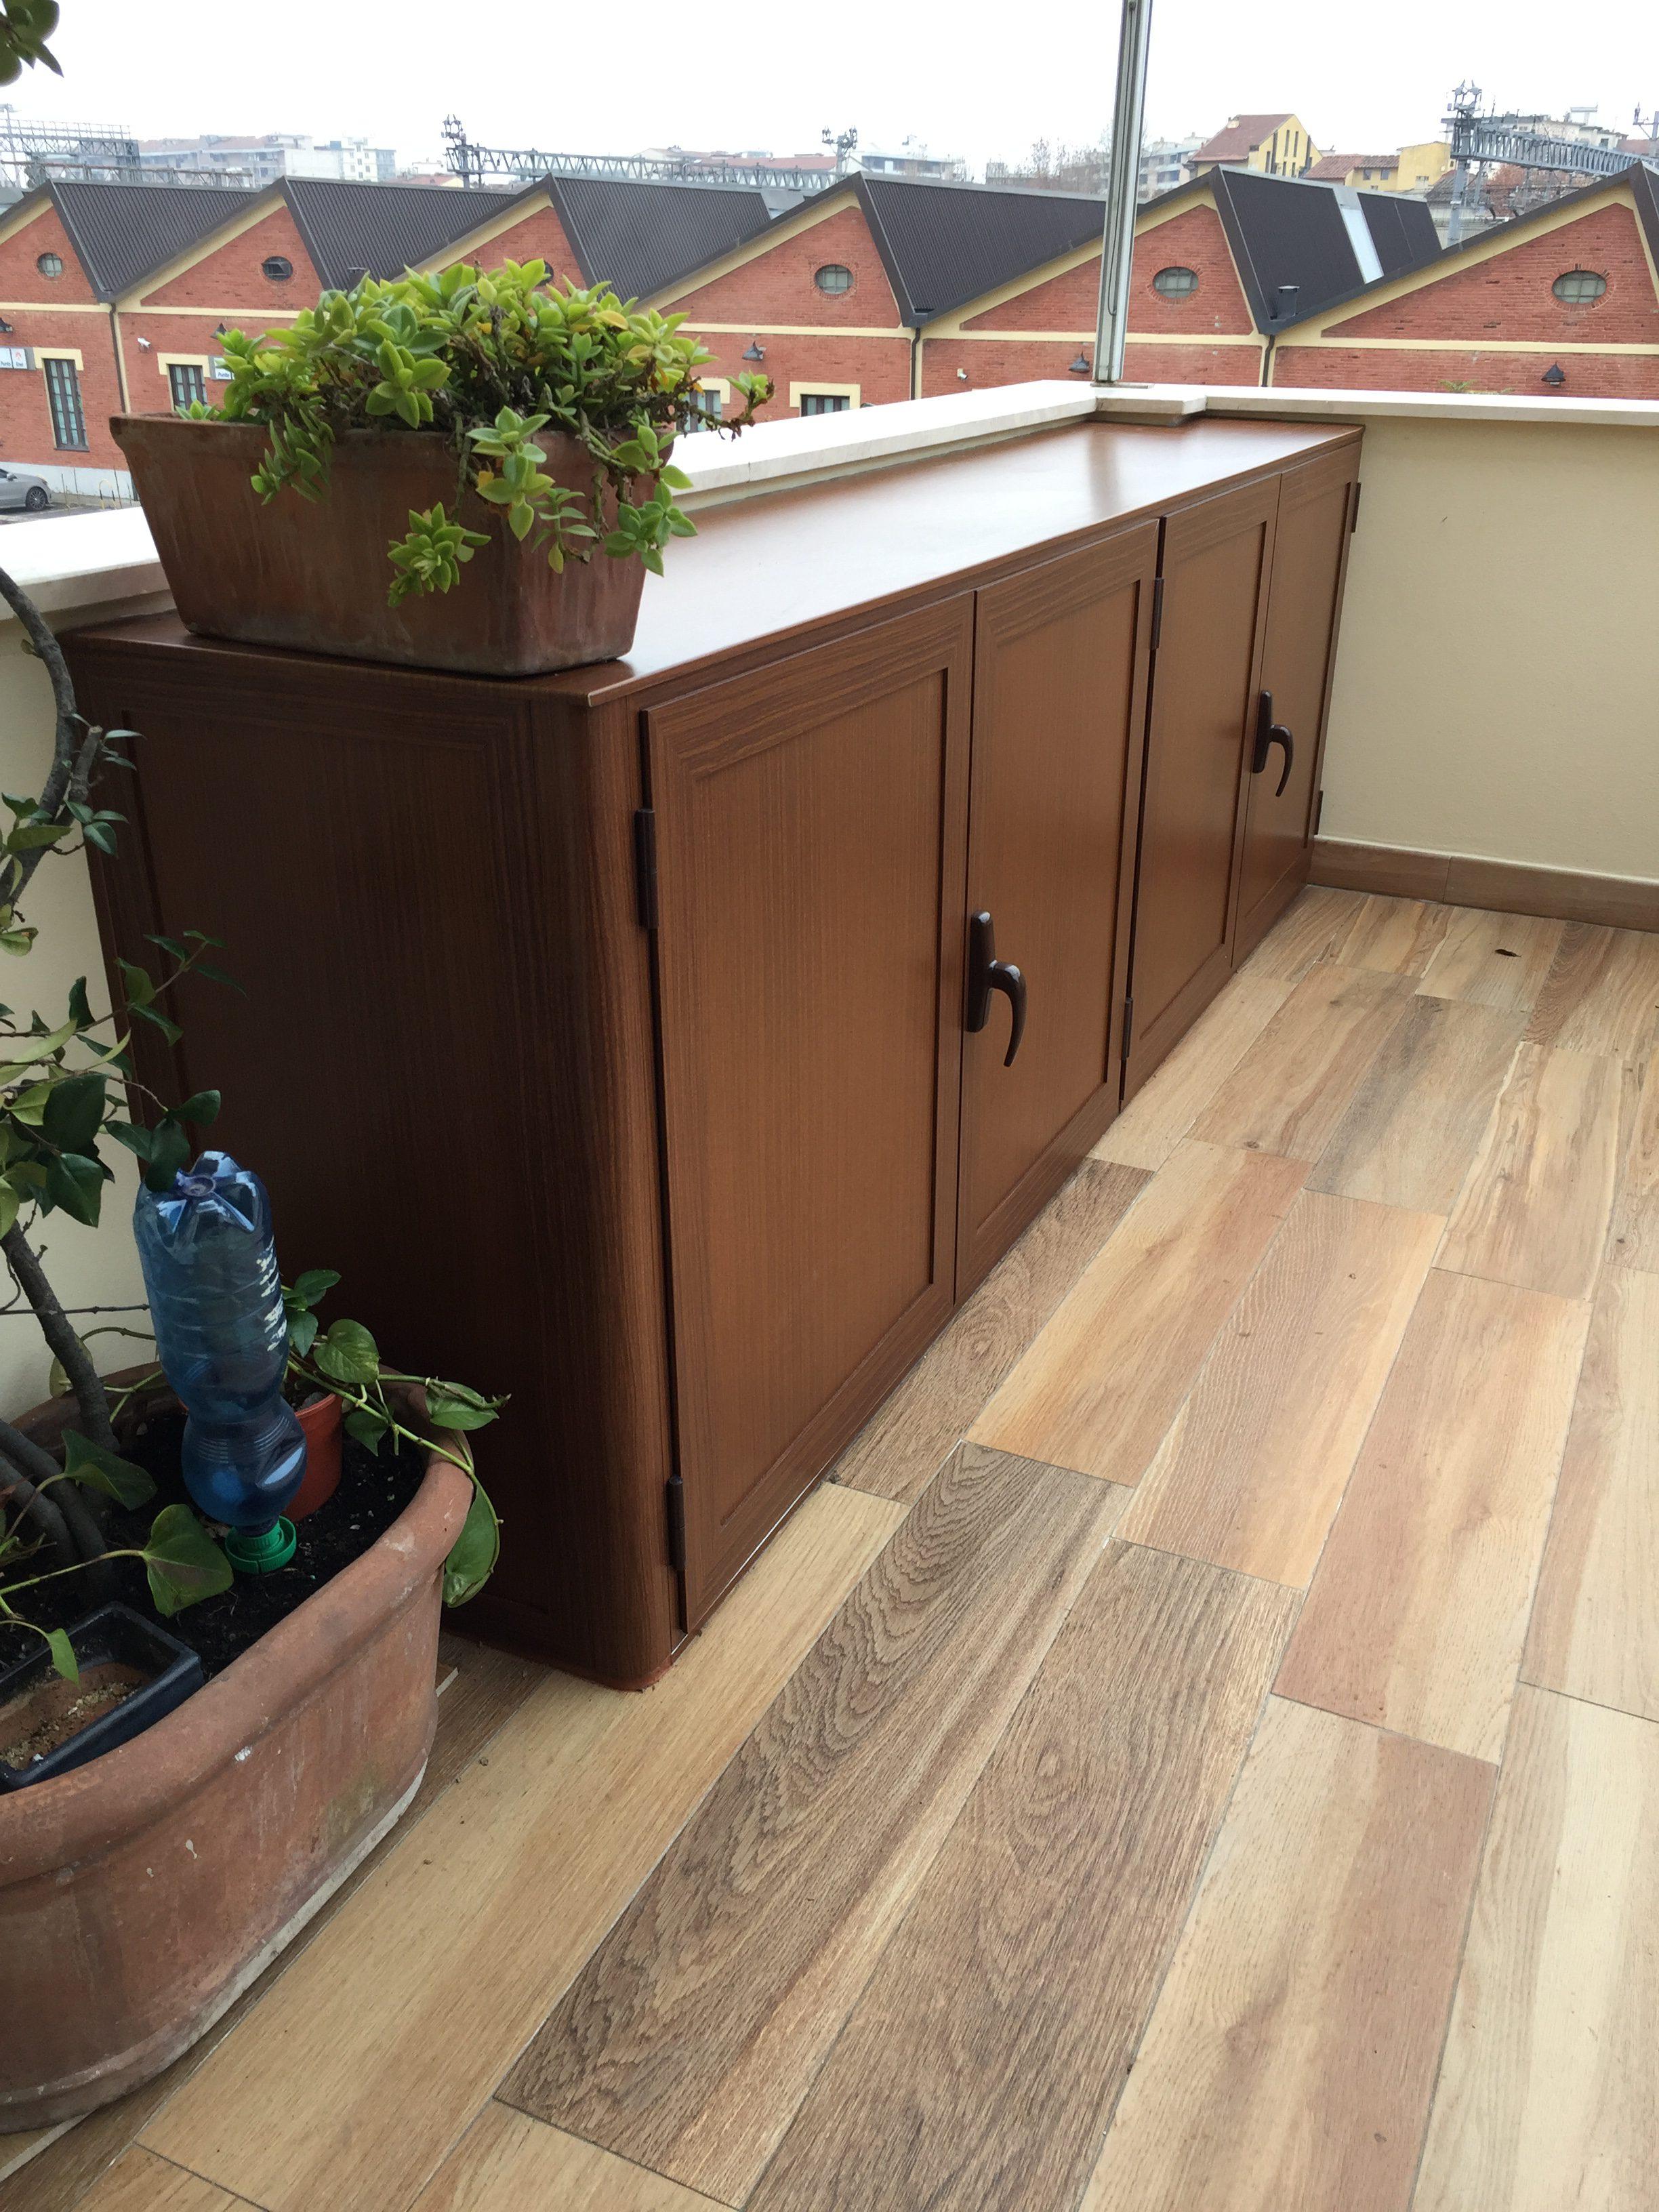 Armadietti terrazzo in legno casamia idea di immagine - Mobile terrazzo legno ...